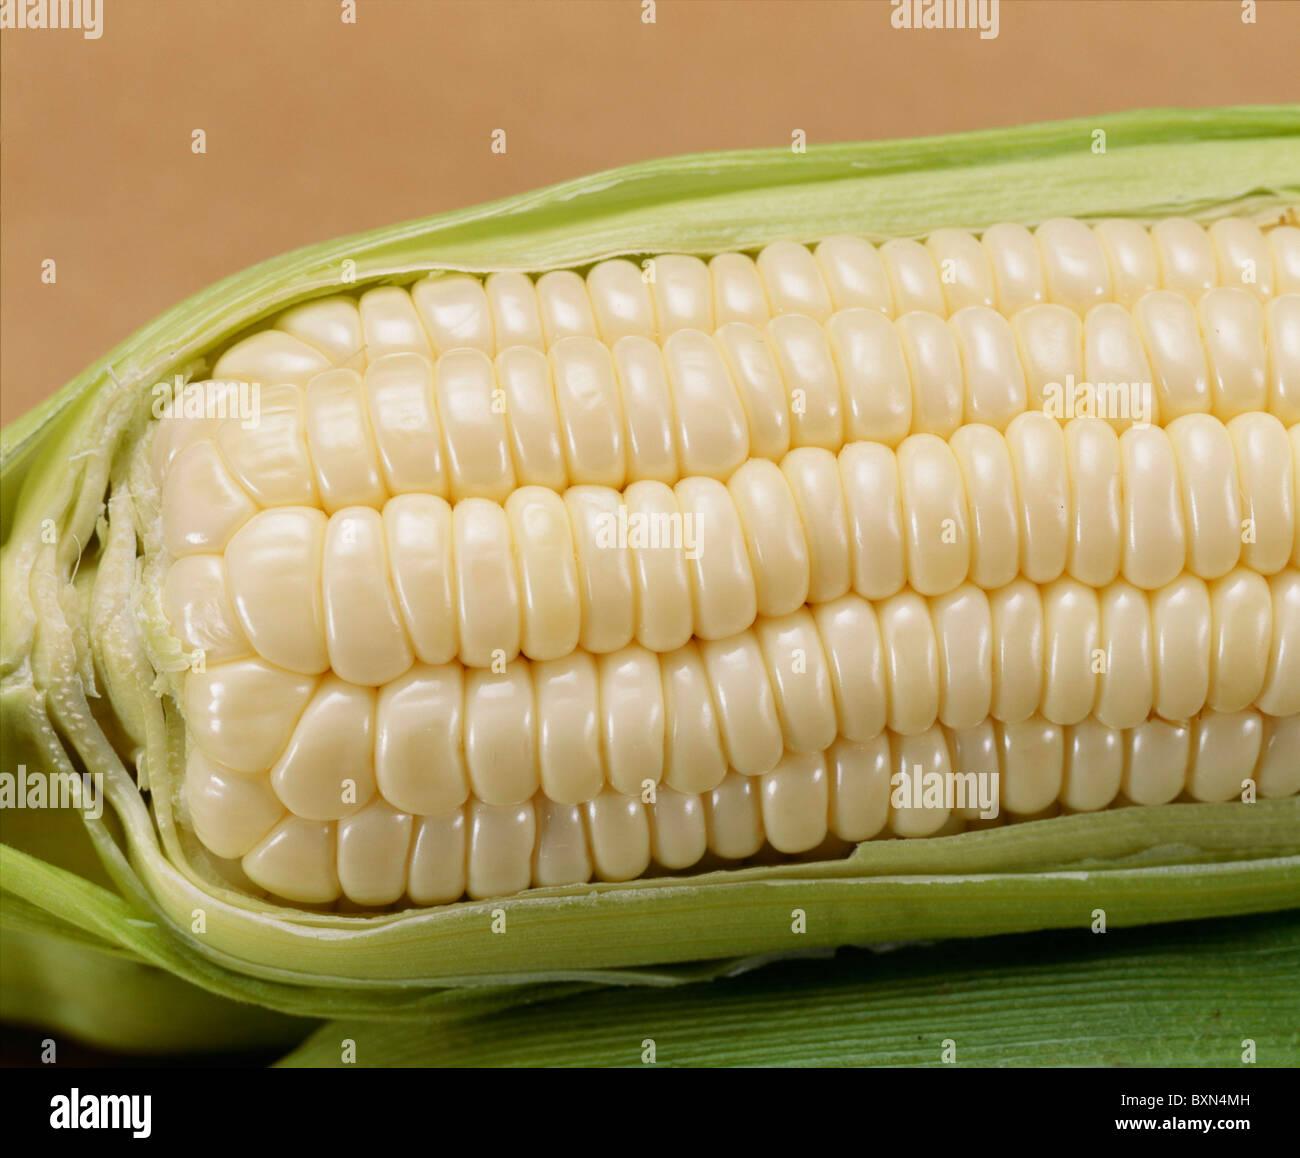 Sweet Corn Sliver Queen Studio Stock Photo Royalty